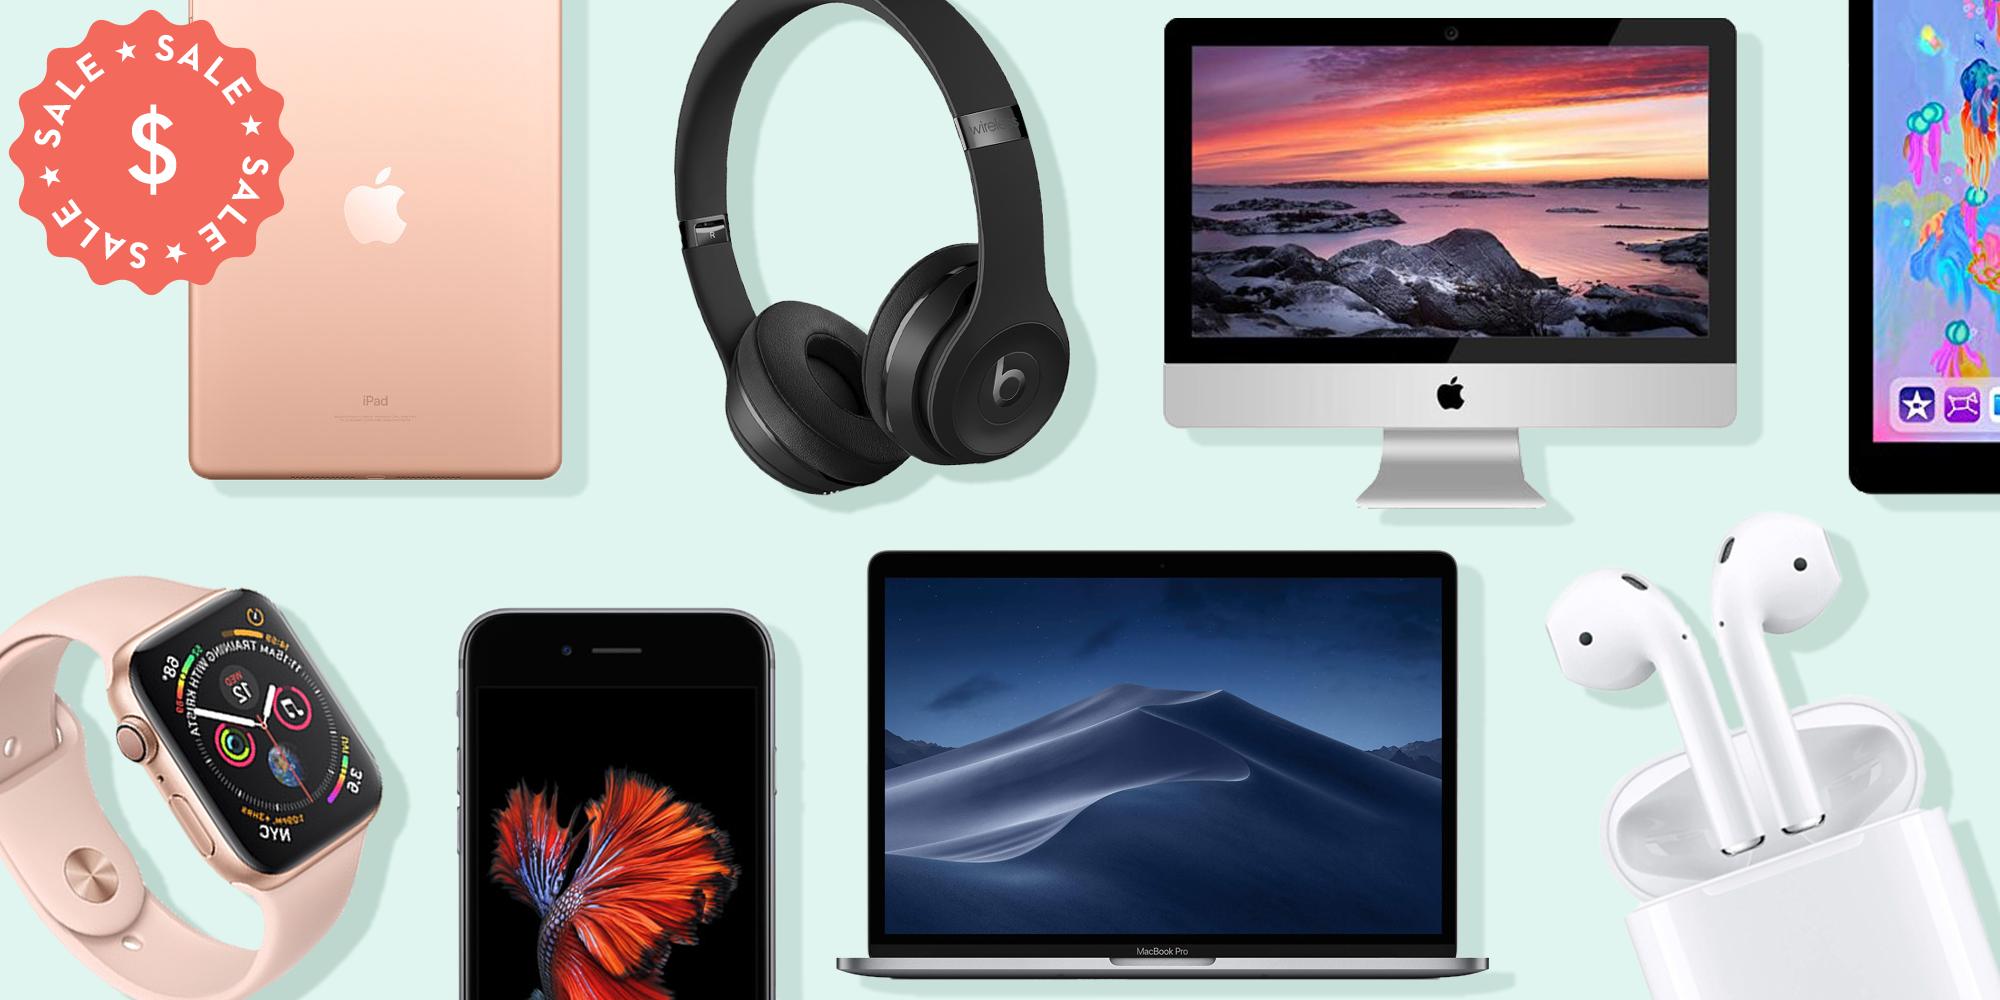 macbook black friday deals 2019 canada